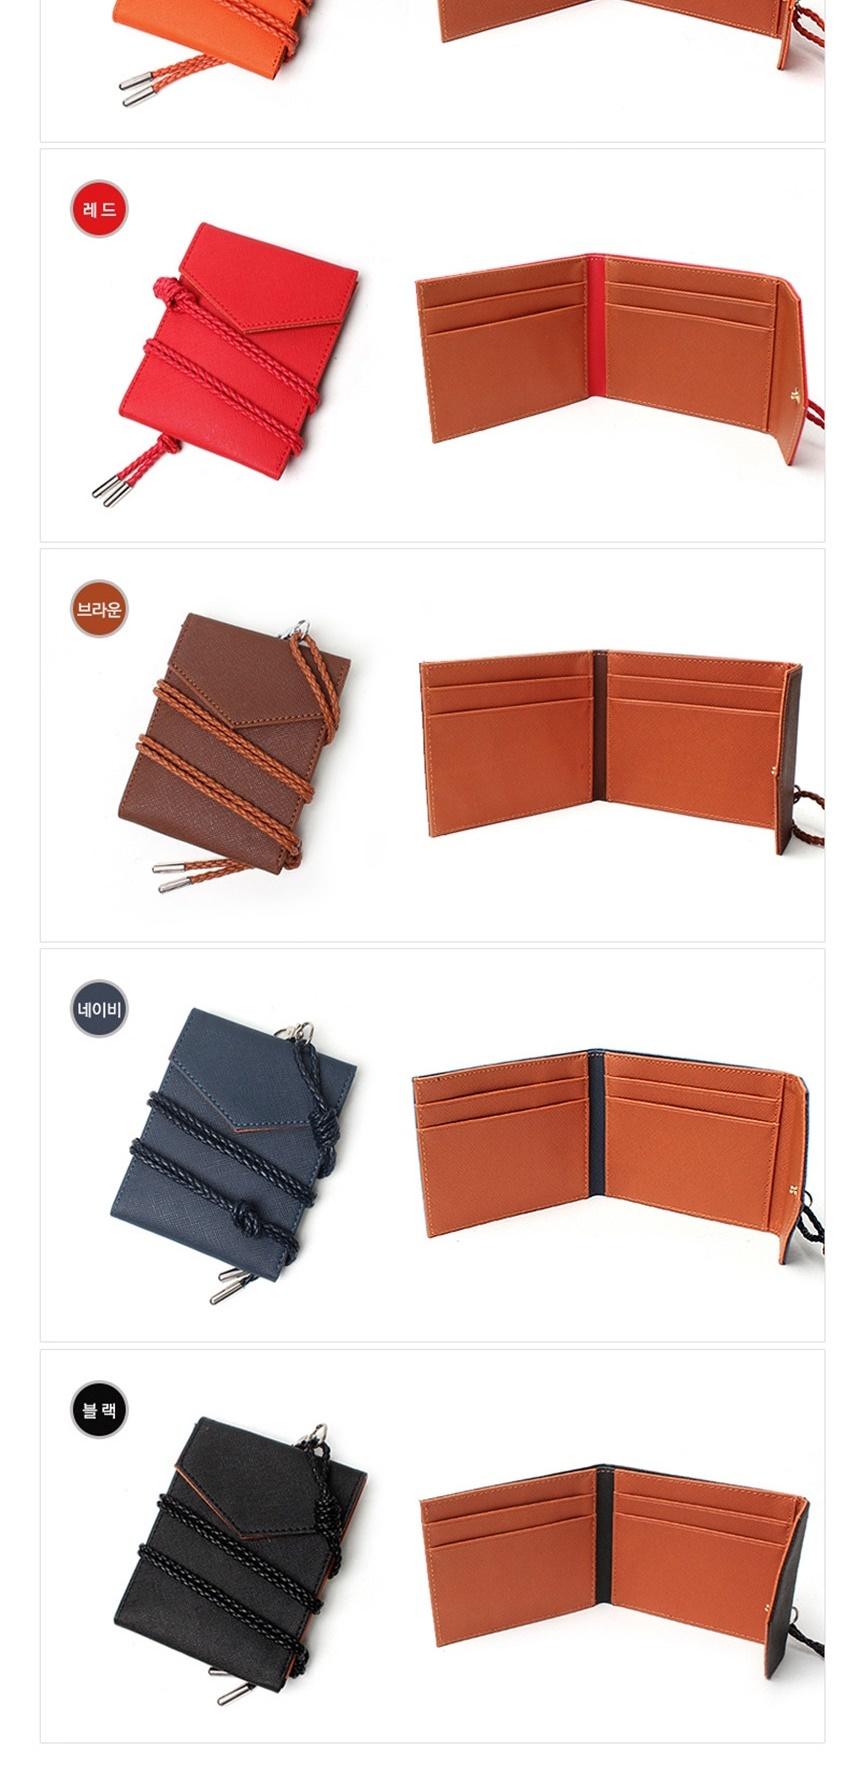 가죽카드지갑,카드목걸이지갑,카드홀더목걸이